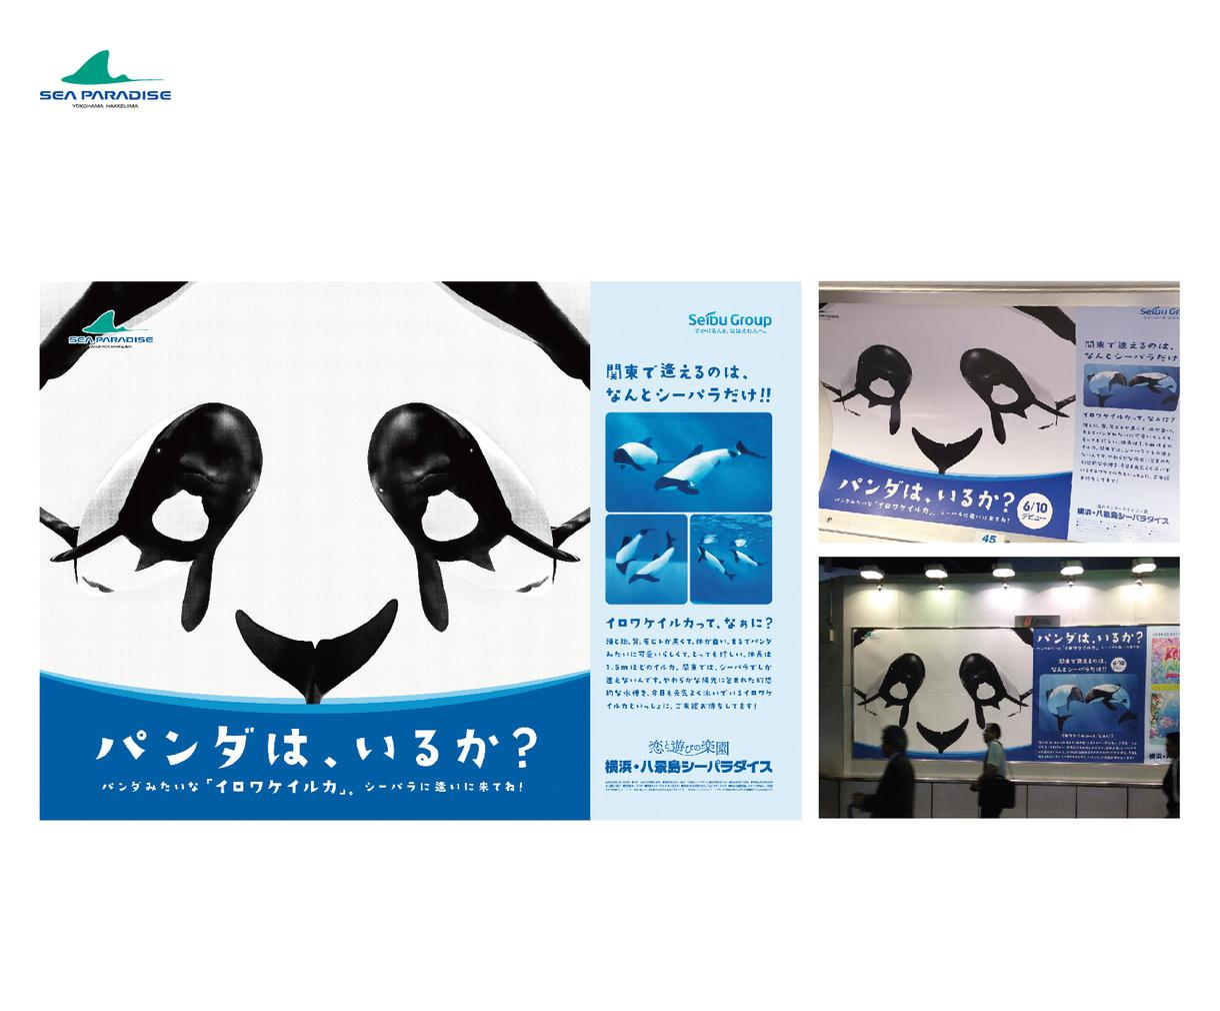 イマイチなデザインをブラッシュアップします 広告賞受賞のアートディレクターが的確なアウトプットに。